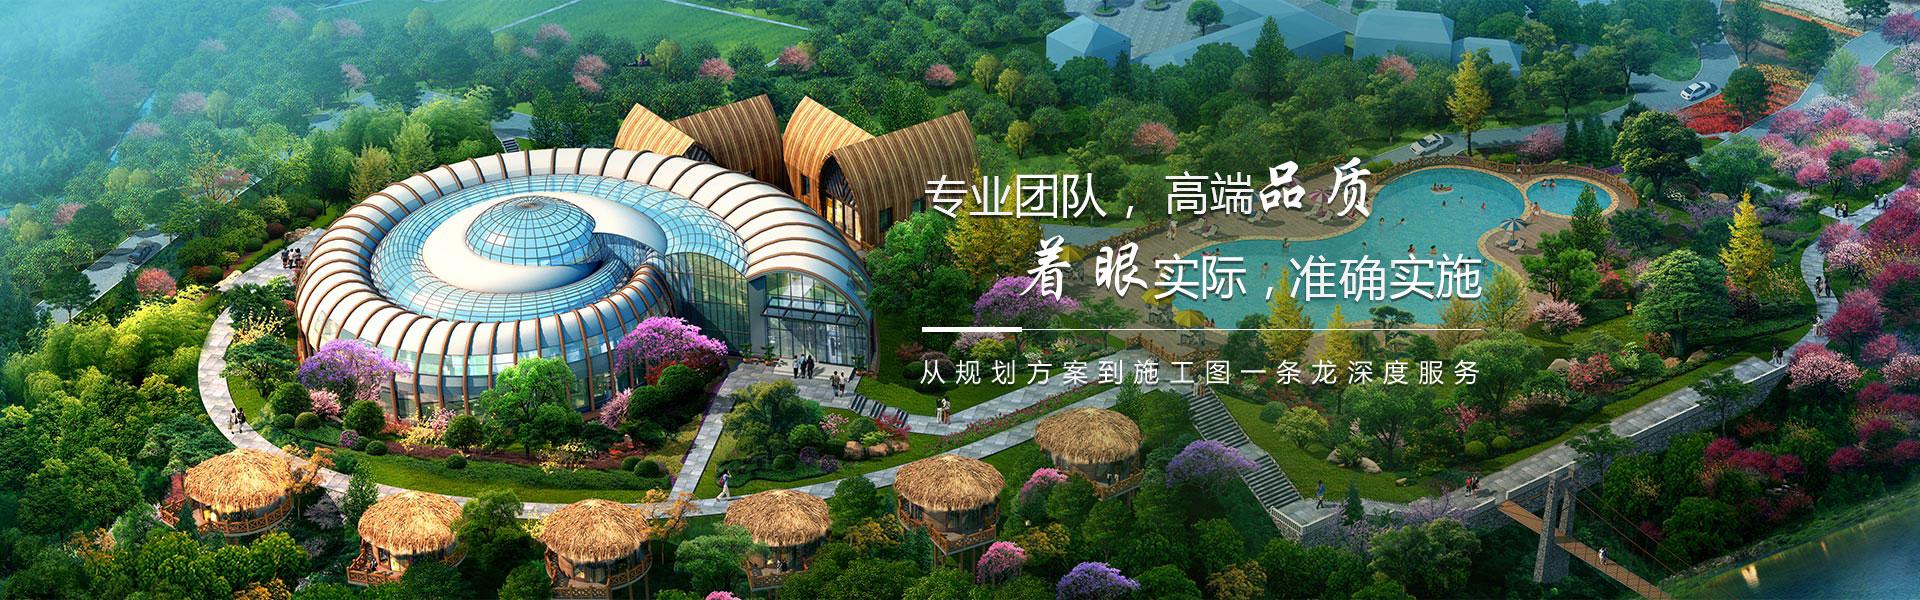 重庆旅游规划公司